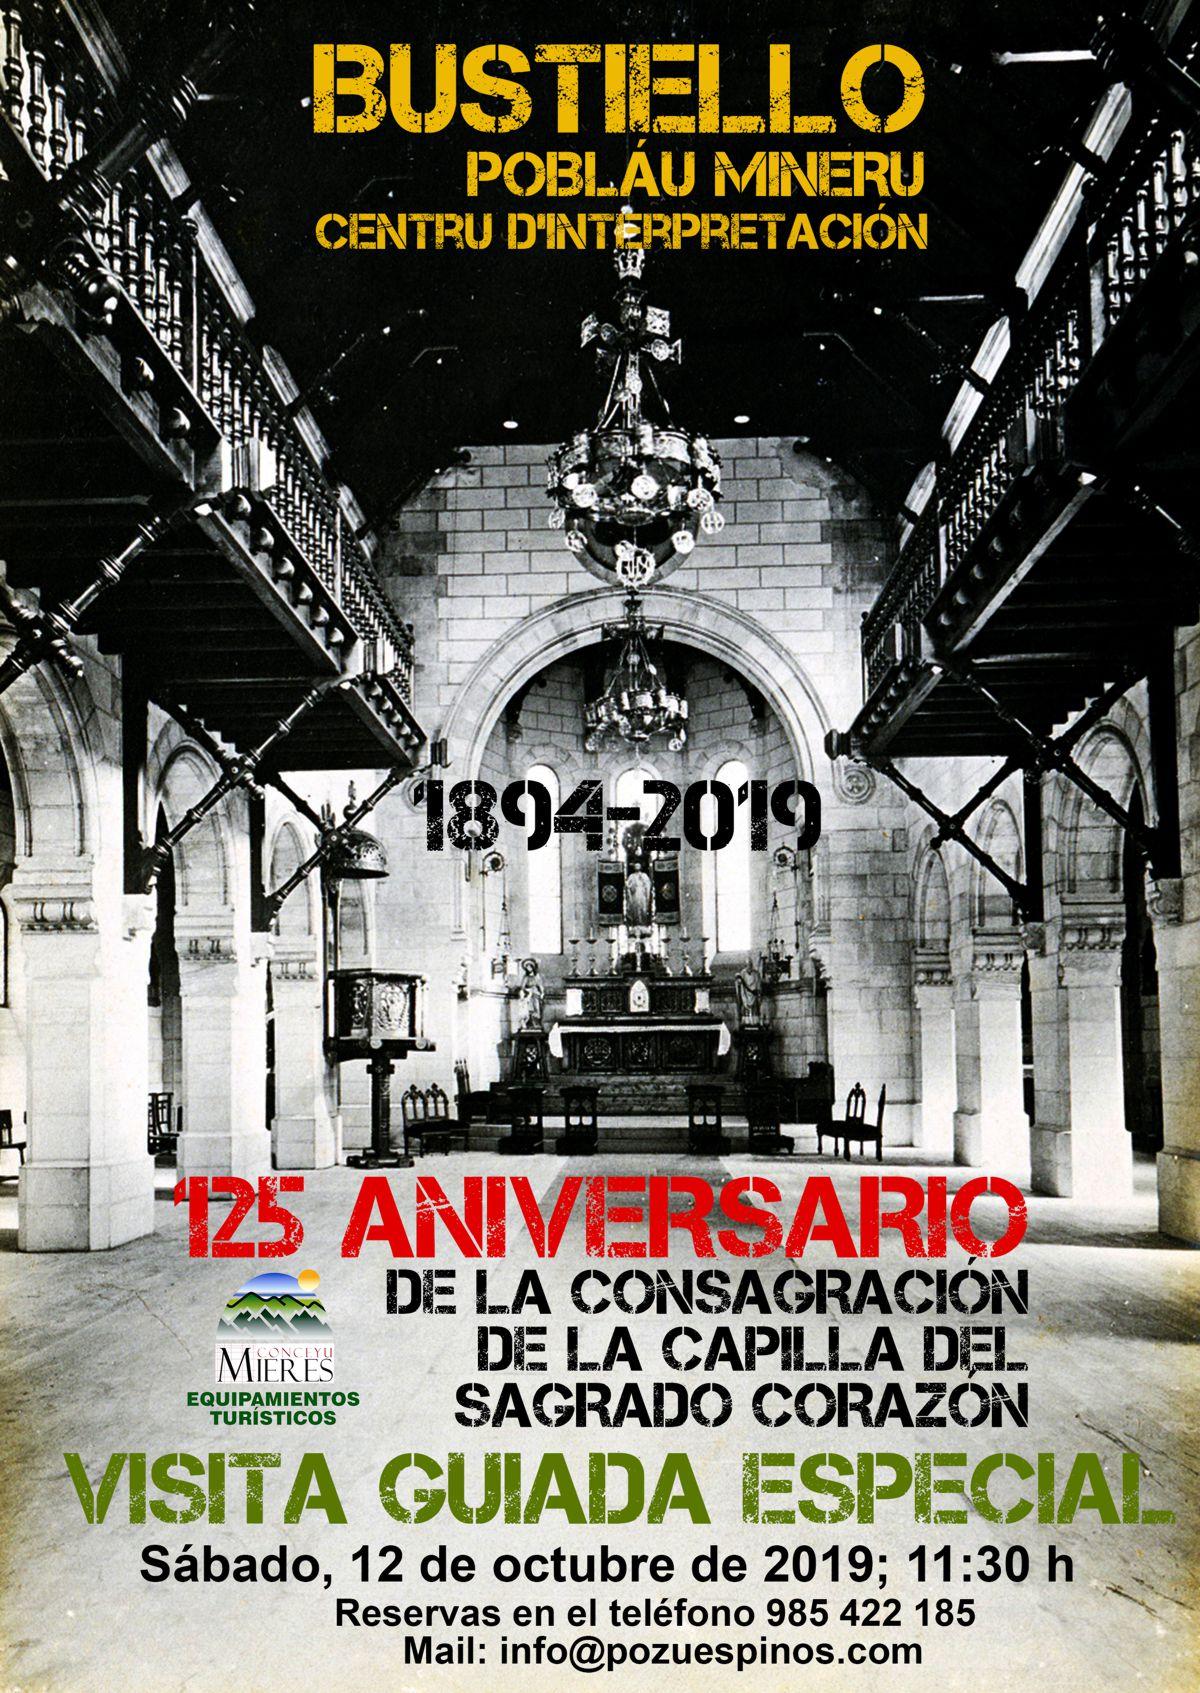 Cartel Web 125 Ainversario Iglesia Bustiello